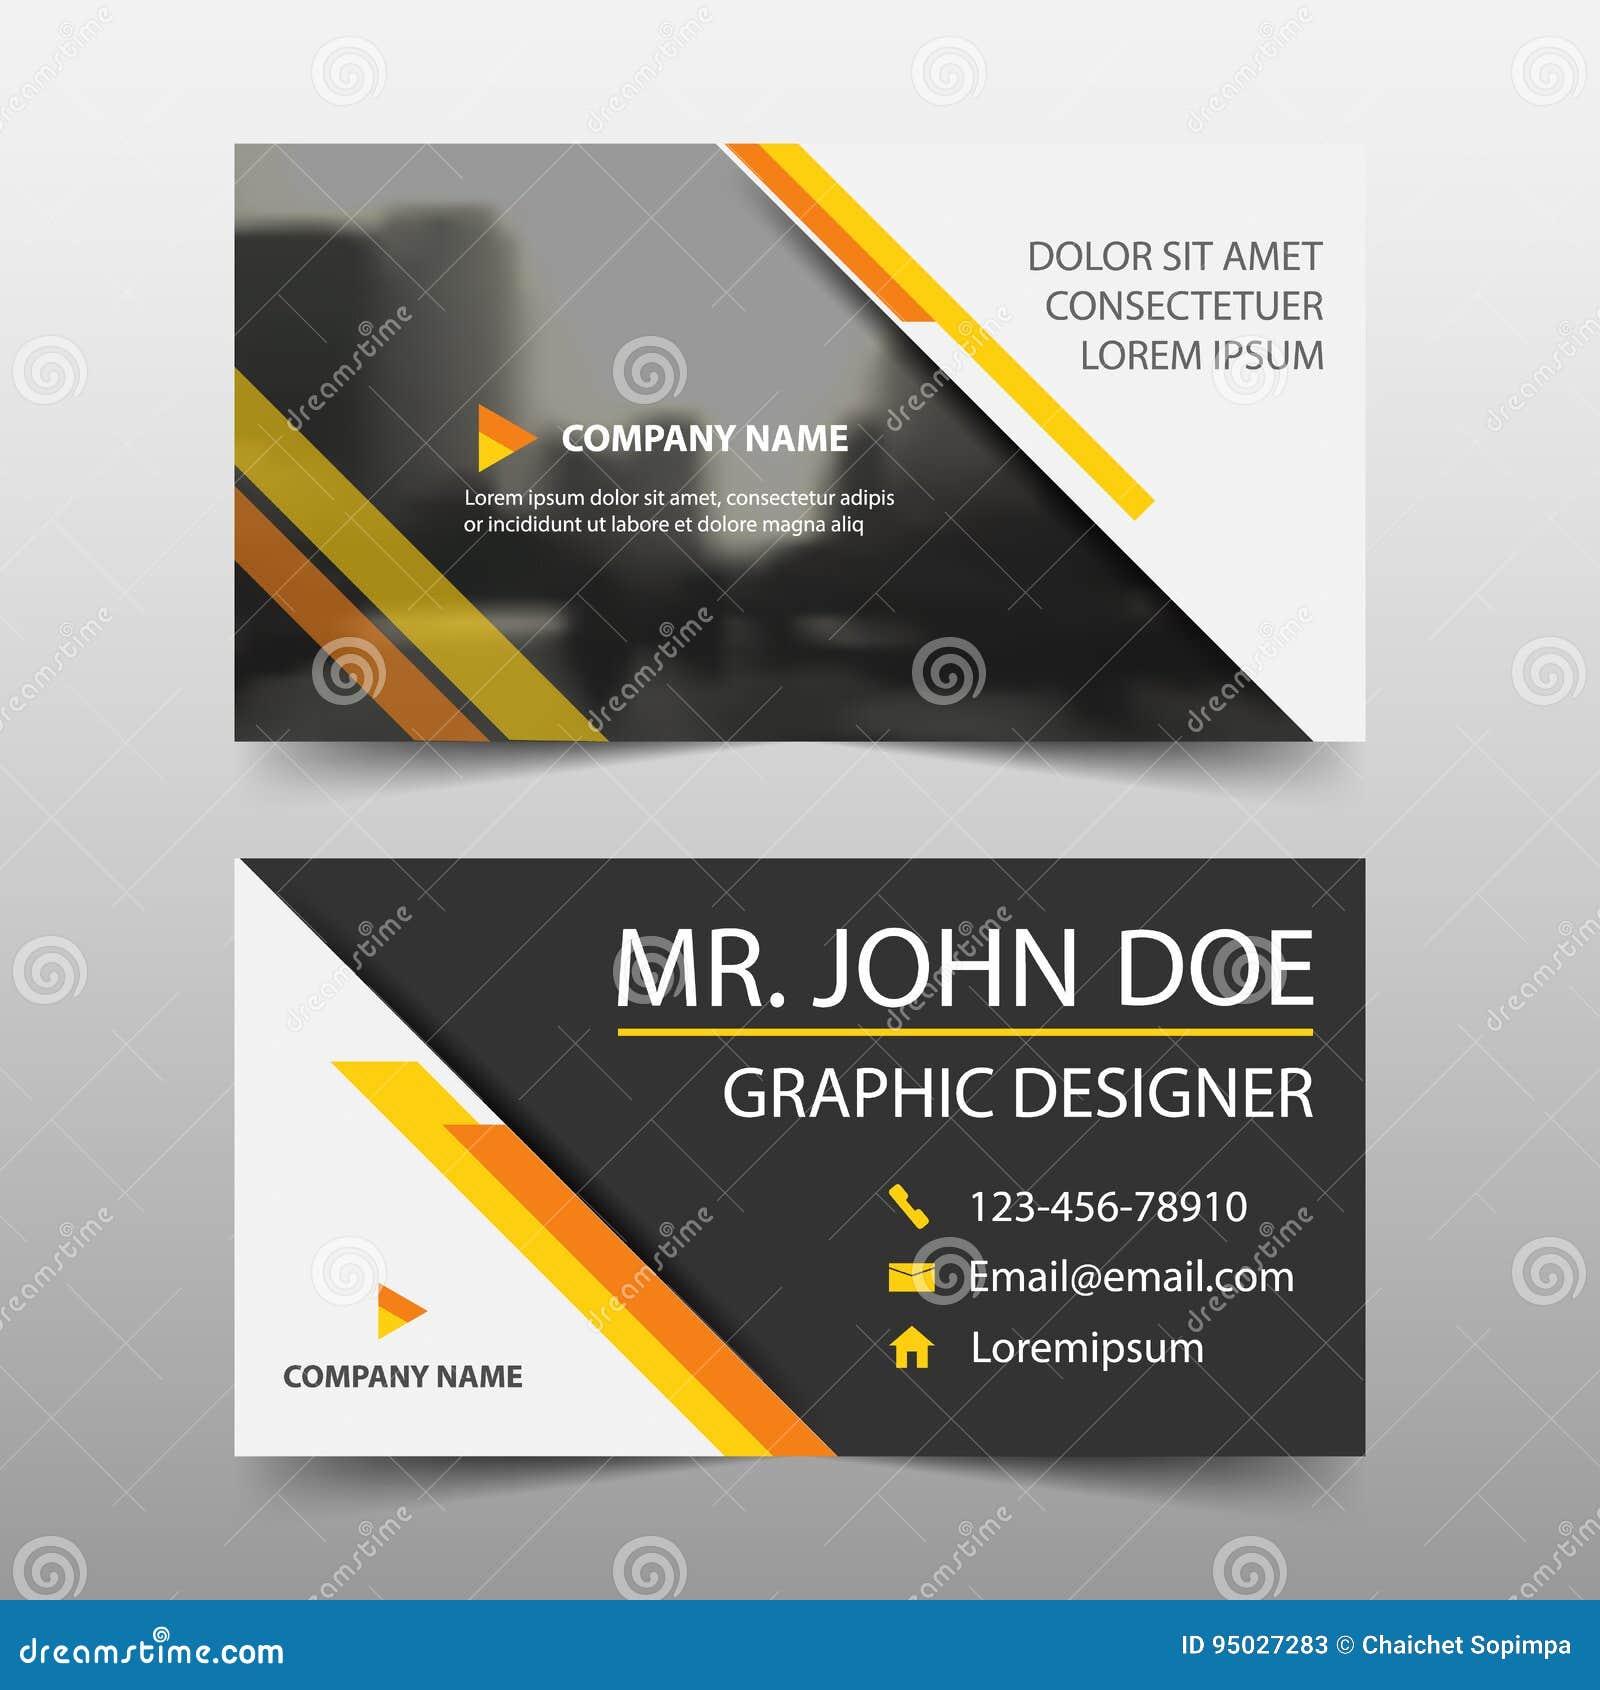 Желтая визитная карточка корпоративного бизнеса, шаблон карточки имени, горизонтальный простой чистый шаблон дизайна плана, шабло